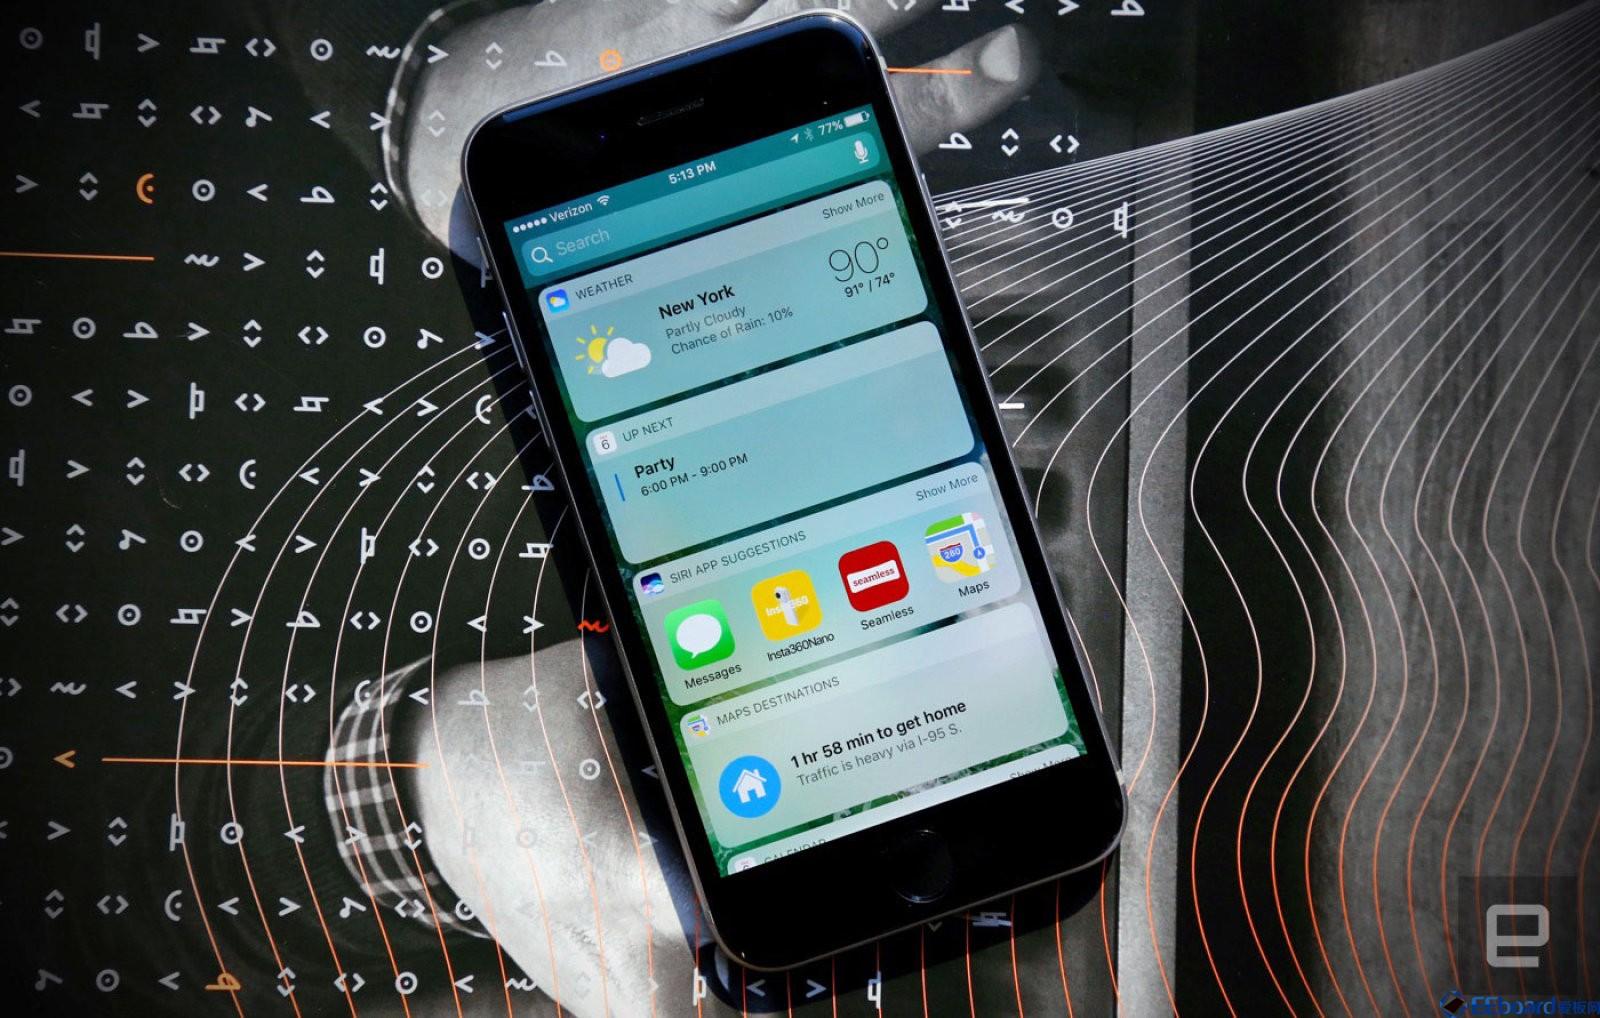 新世代的 iOS 10 來到!iOS 10 加入開放 Wi-Fi 網絡警示信息